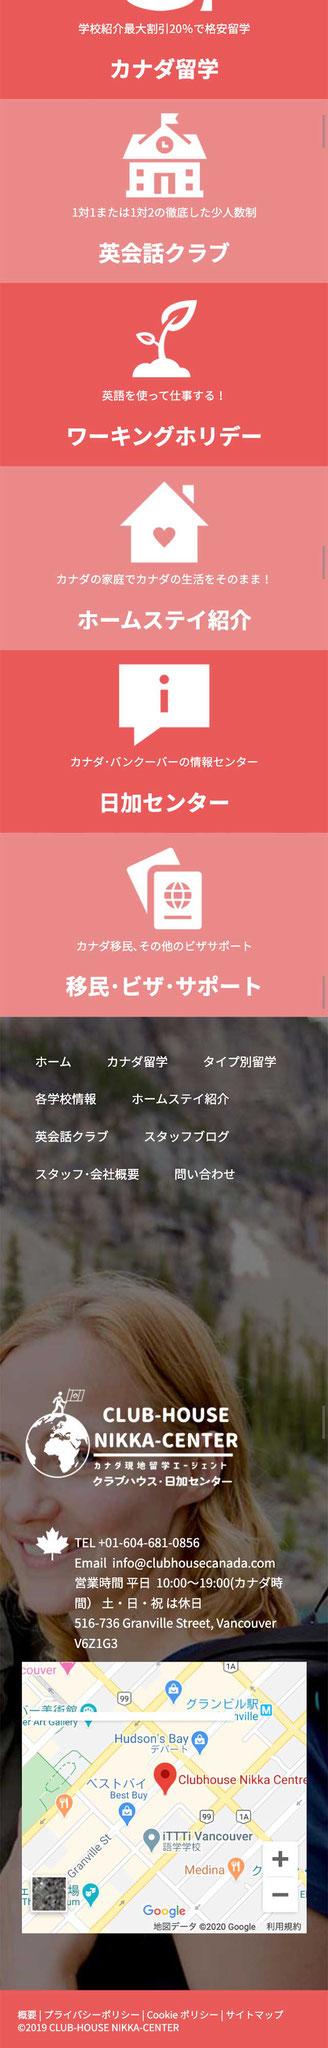 「タイプ別留学」ページのモバイル表示5